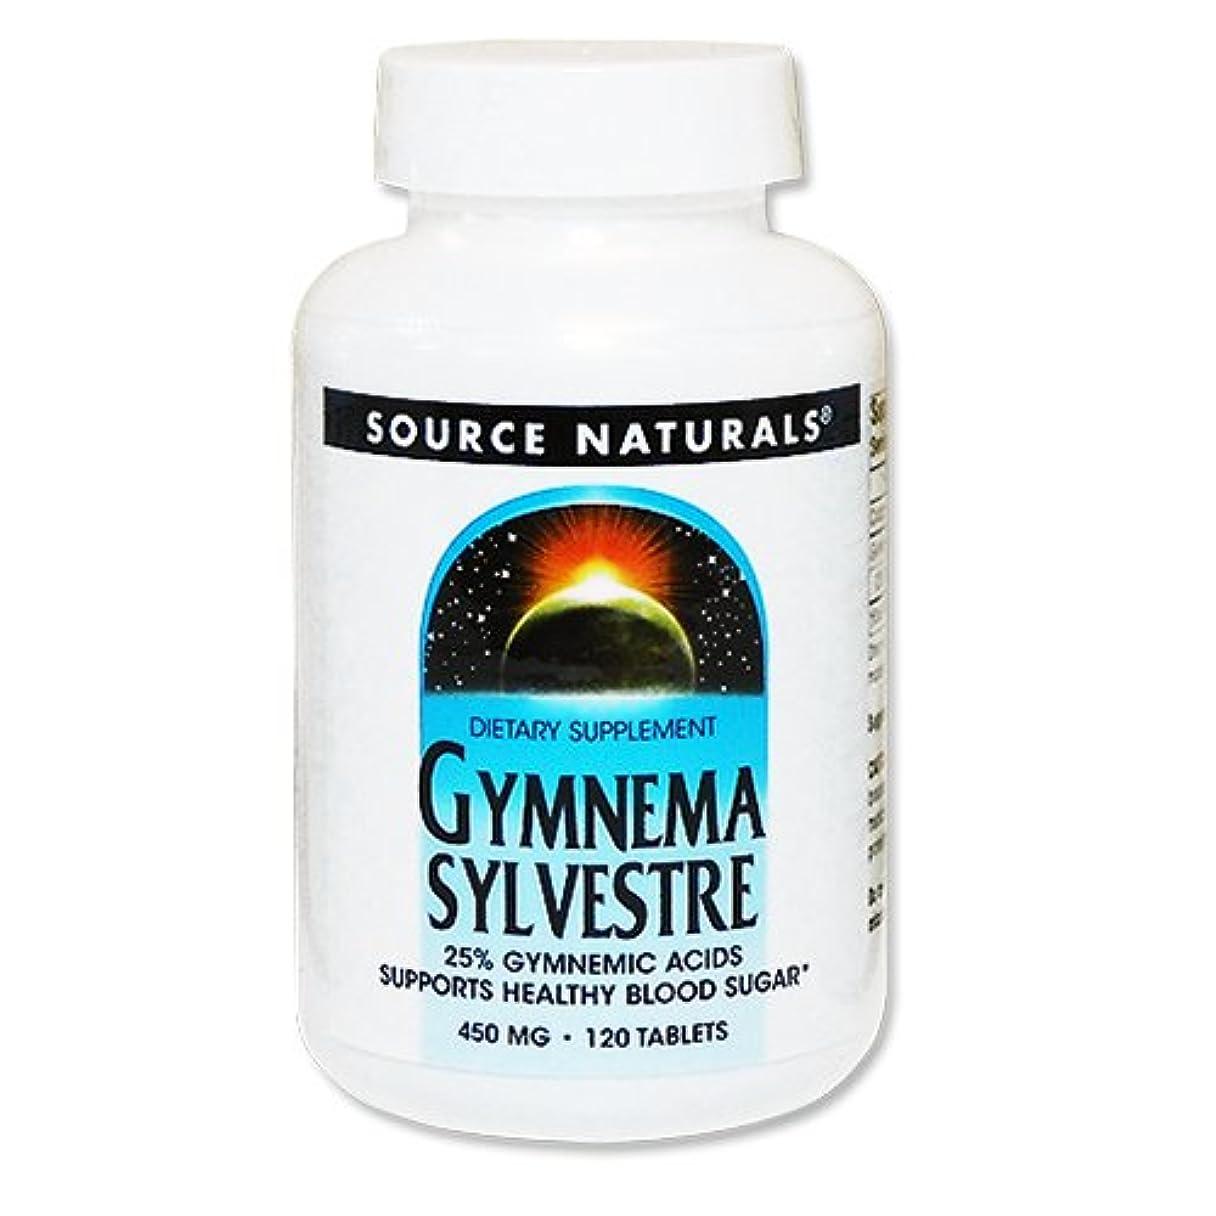 形式精神ステンレスギムネマシルベスタ(ギムネマ酸25%) 450mg 120粒[海外直送品]